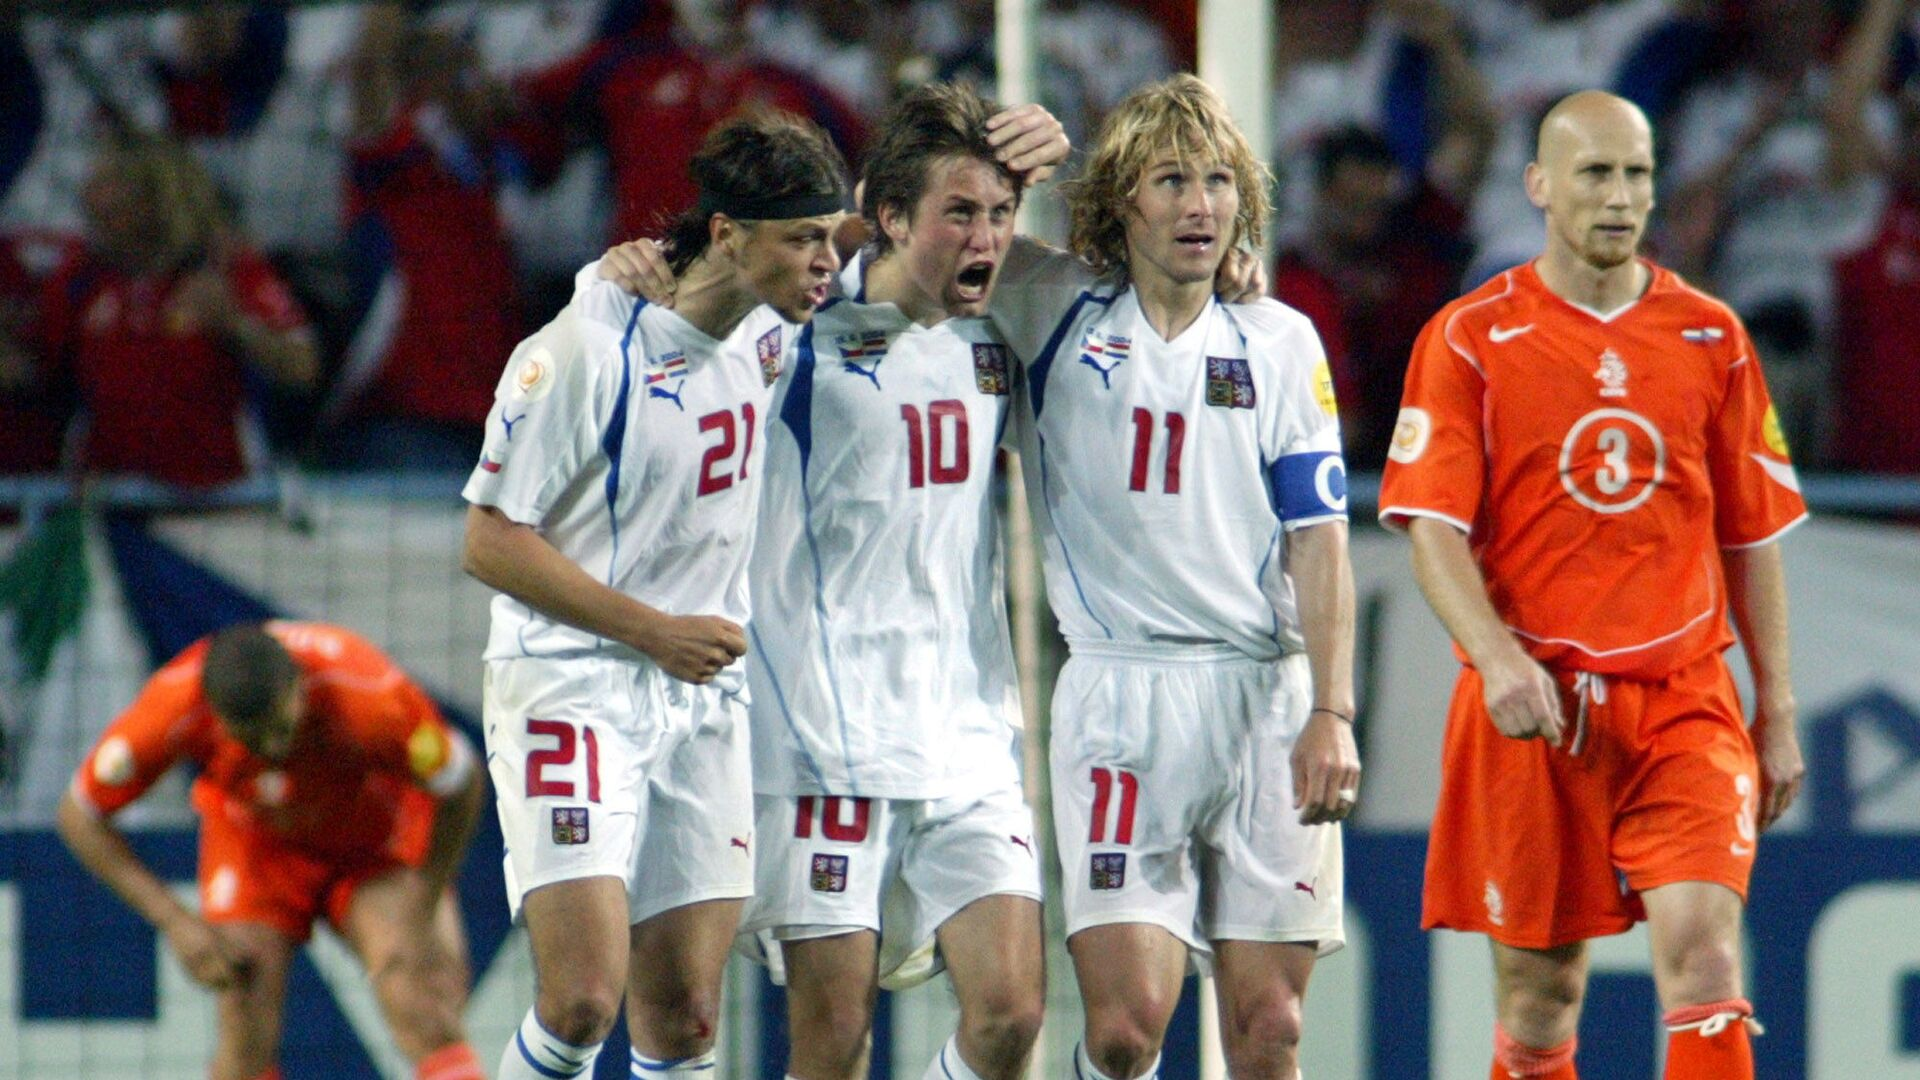 Tomáš Ujfaluši, Tomáš Rosický a Pavel Nedvěd při zápase proti Nizozemsku na EURO 2004 - Sputnik Česká republika, 1920, 26.06.2021